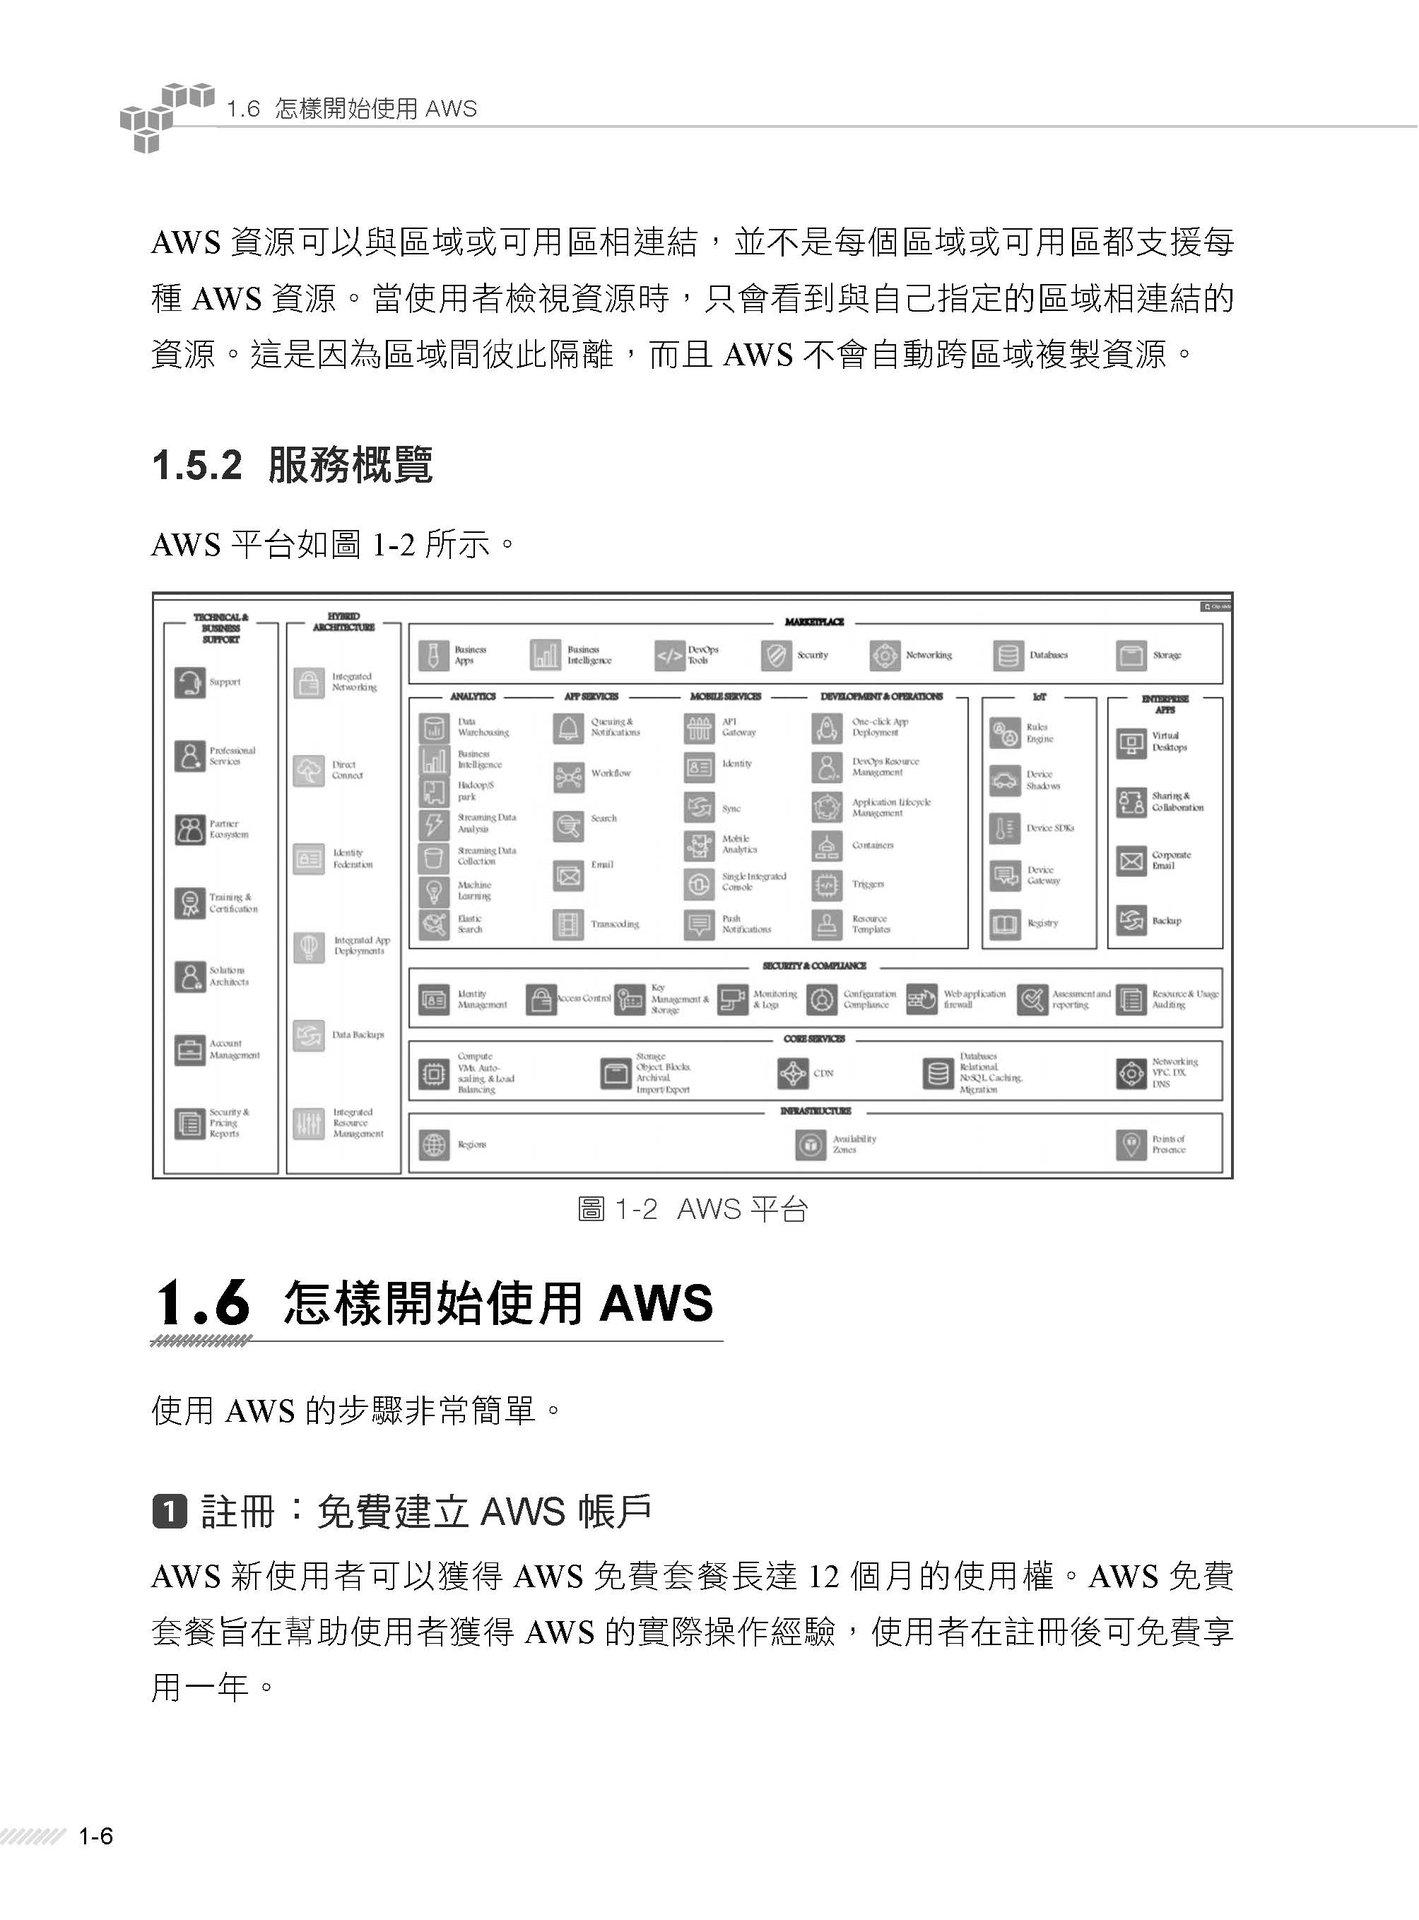 用世界第一的服務:AWS 雲端平台把玩書 -preview-3